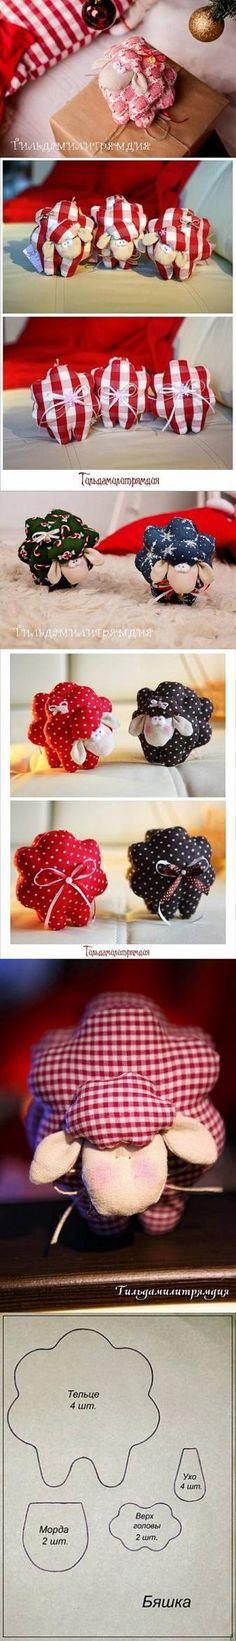 DIY Cute Fabric Lamb DIY Projects   UsefulDIY.com